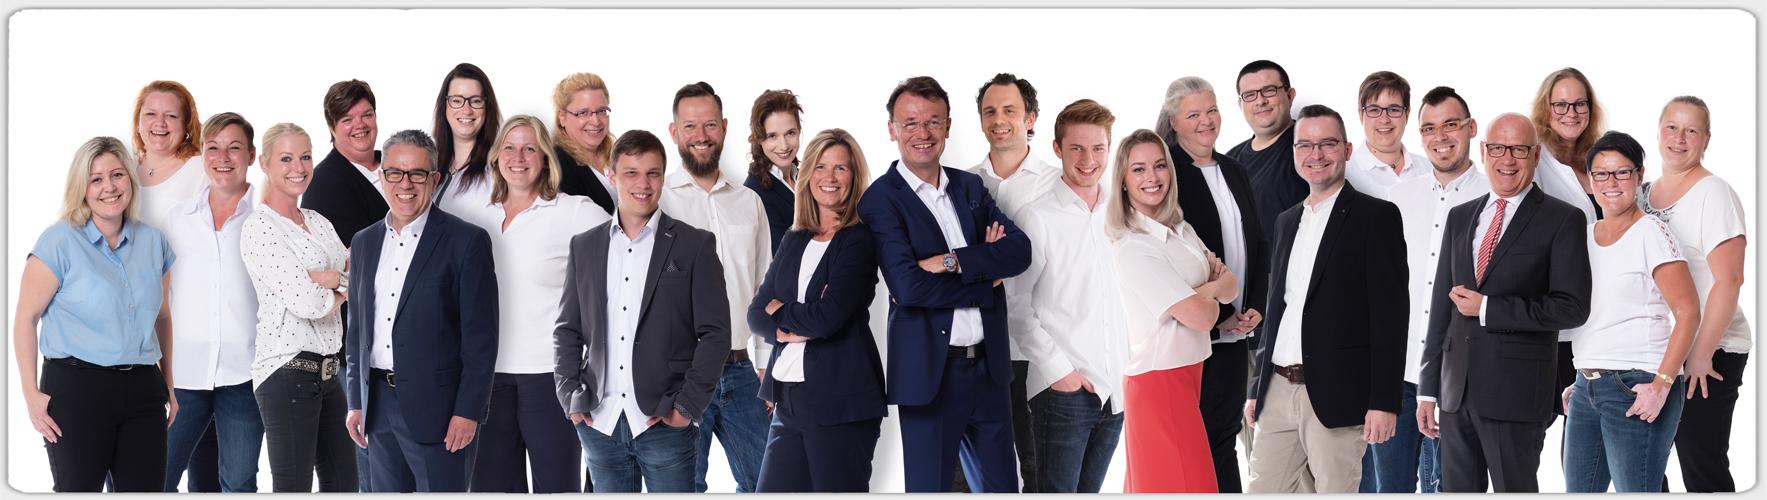 Allgemeiner-Debitoren-und-Inkassodienst-GmbH-Gruppenbild